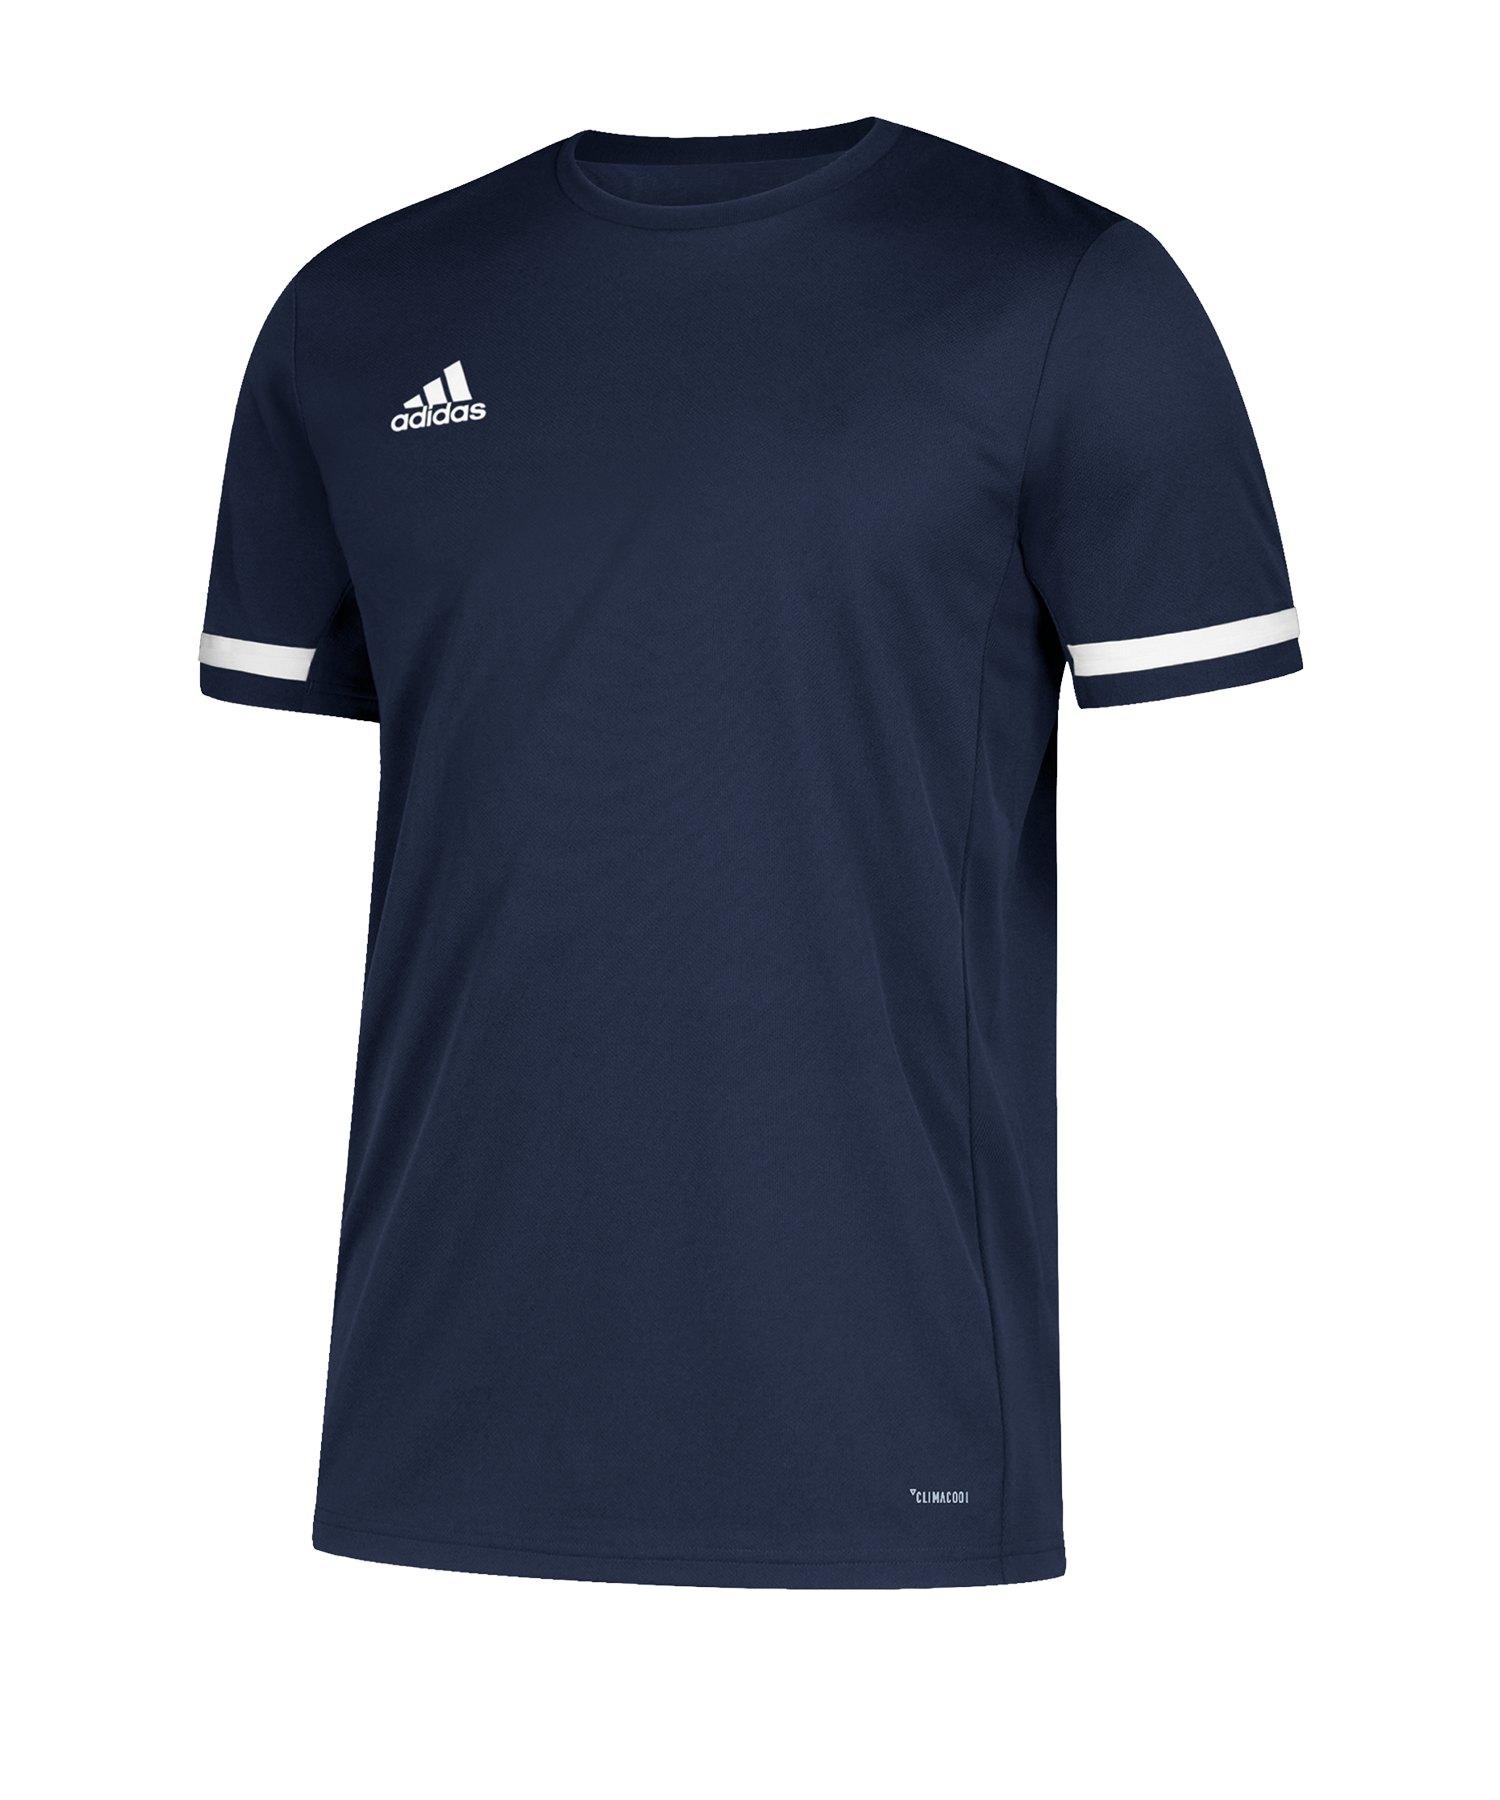 adidas Team 19 Trikot kurzarm Blau Weiss - blau